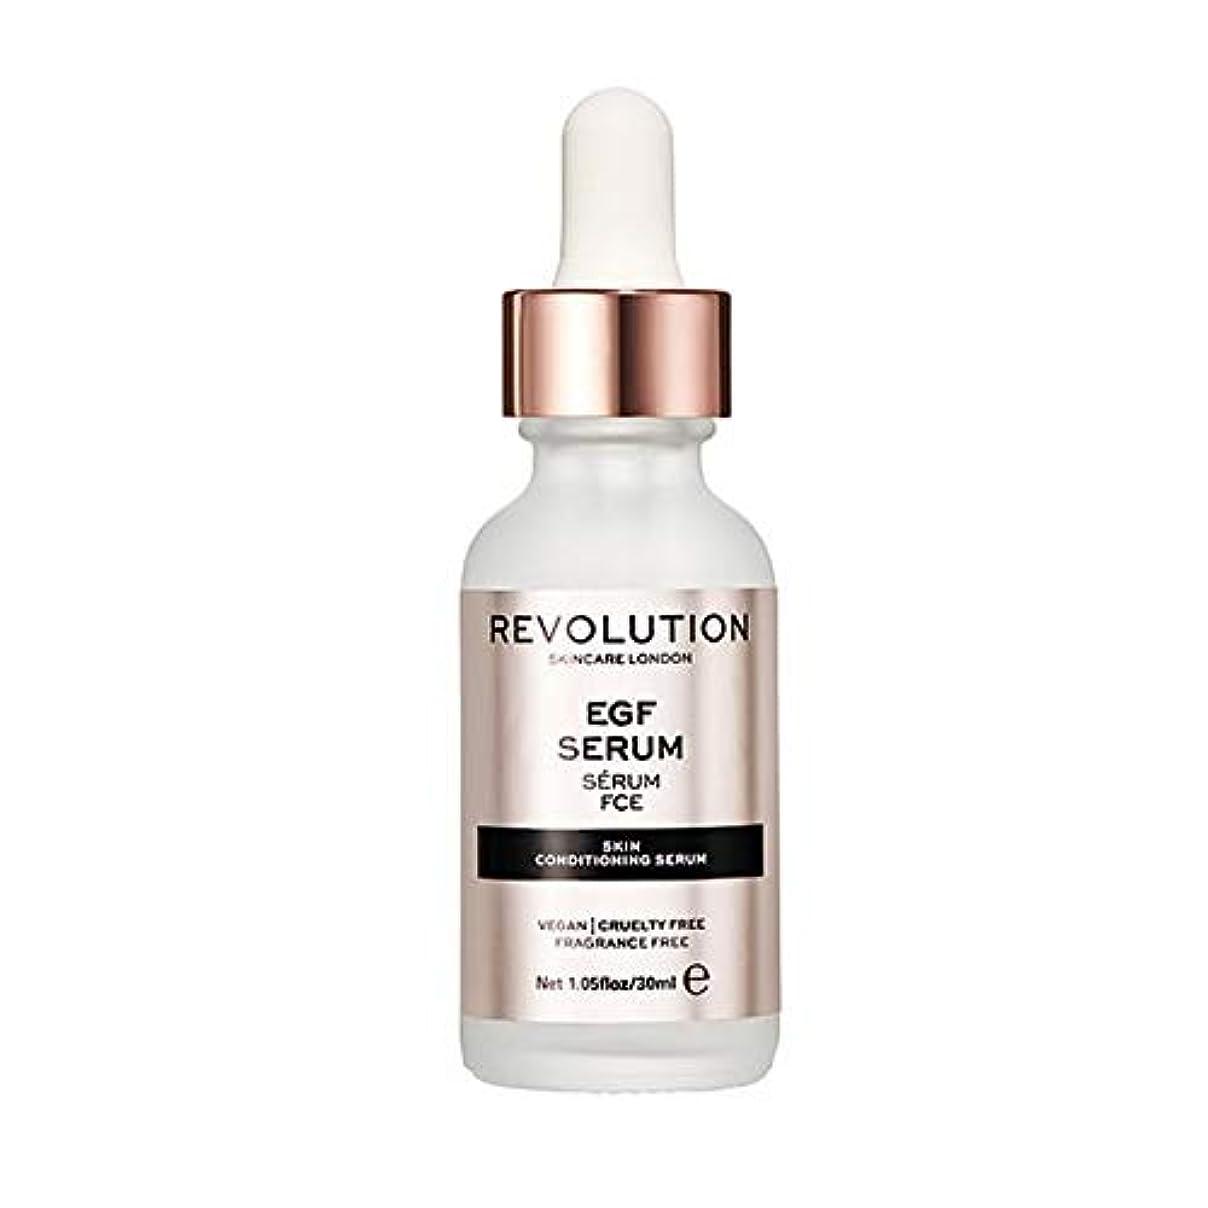 賢いトンオーバーフロー[Revolution] 革命スキンケア皮膚コンディショニング血清 - Egf血清 - Revolution Skincare Skin Conditioning Serum - EGF Serum [並行輸入品]